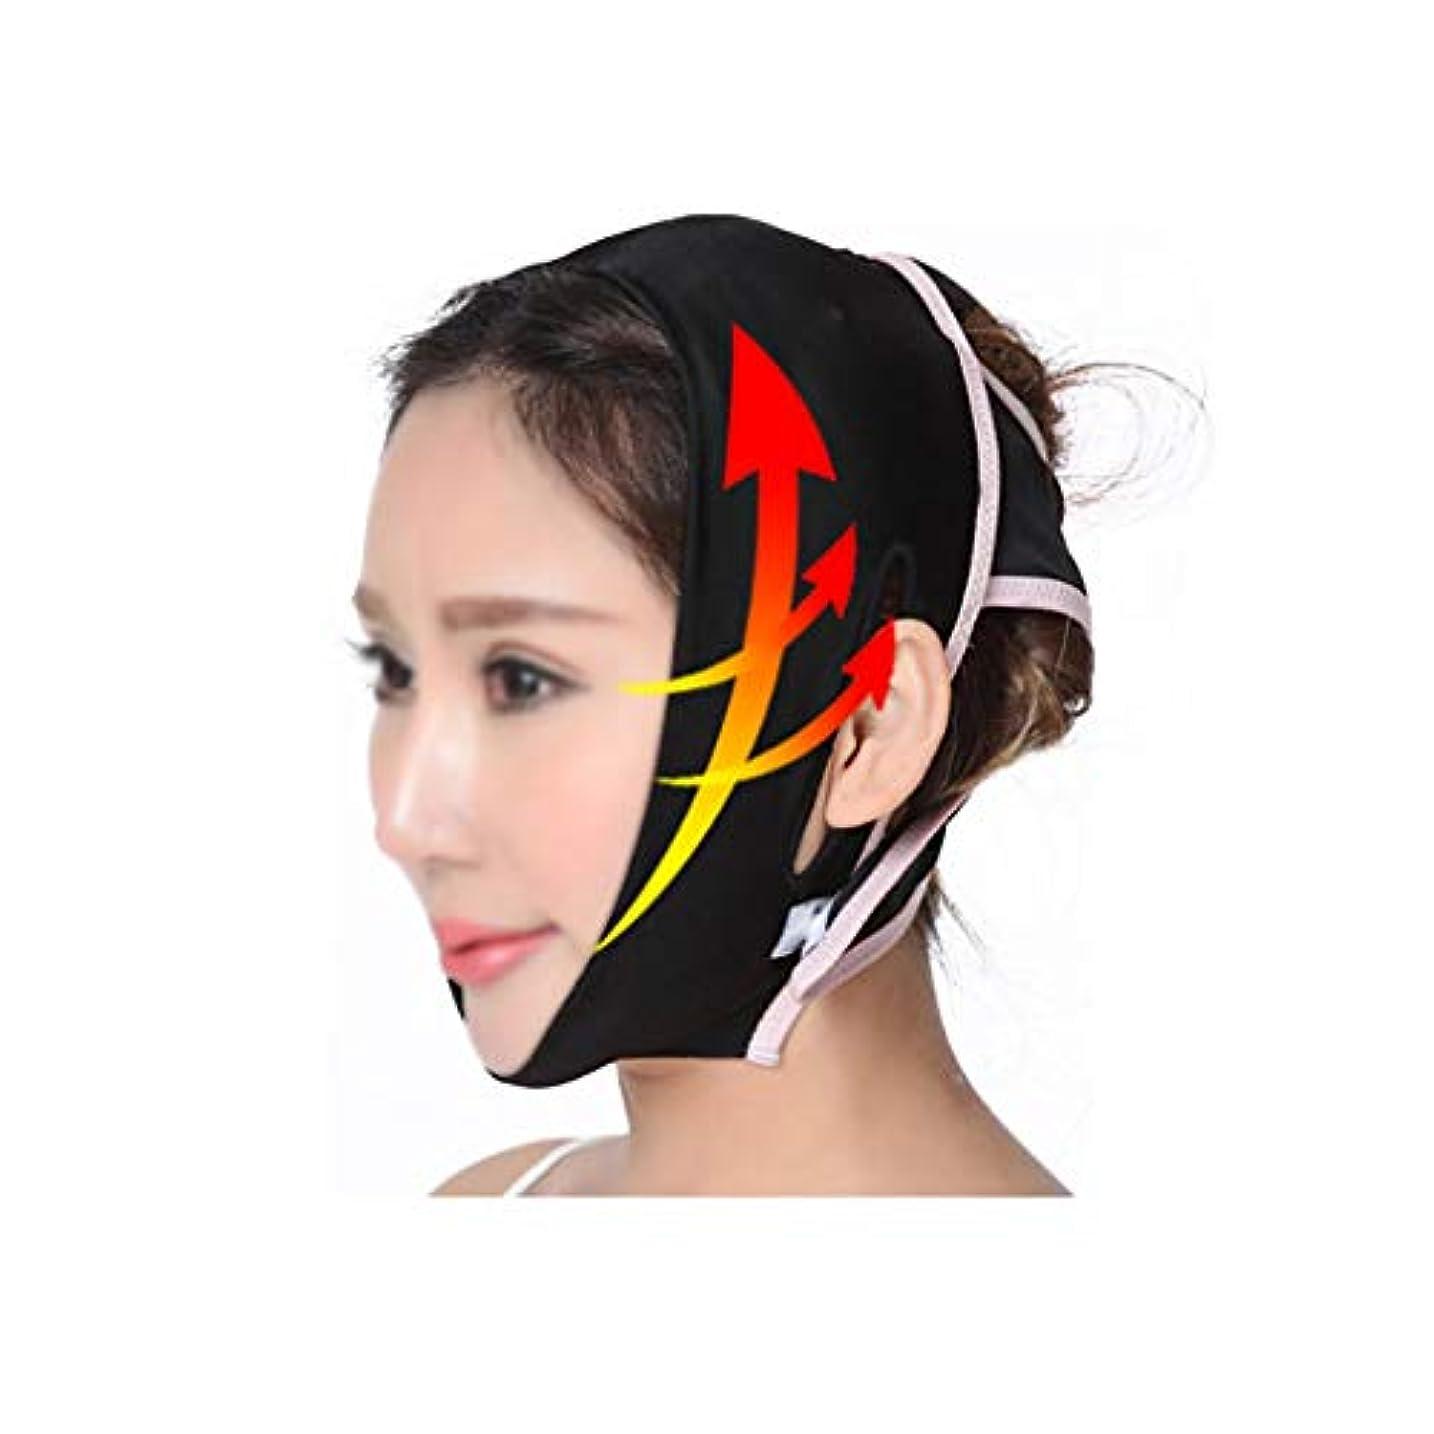 する必要がある効果ビリーTLMY 薄い顔のマスクのマスクの睡眠の顔のプラスチック顔の包帯の顔の持ち上がるVの表面のアーチファクトの回復 ネックバンド 顔用整形マスク (Size : L)